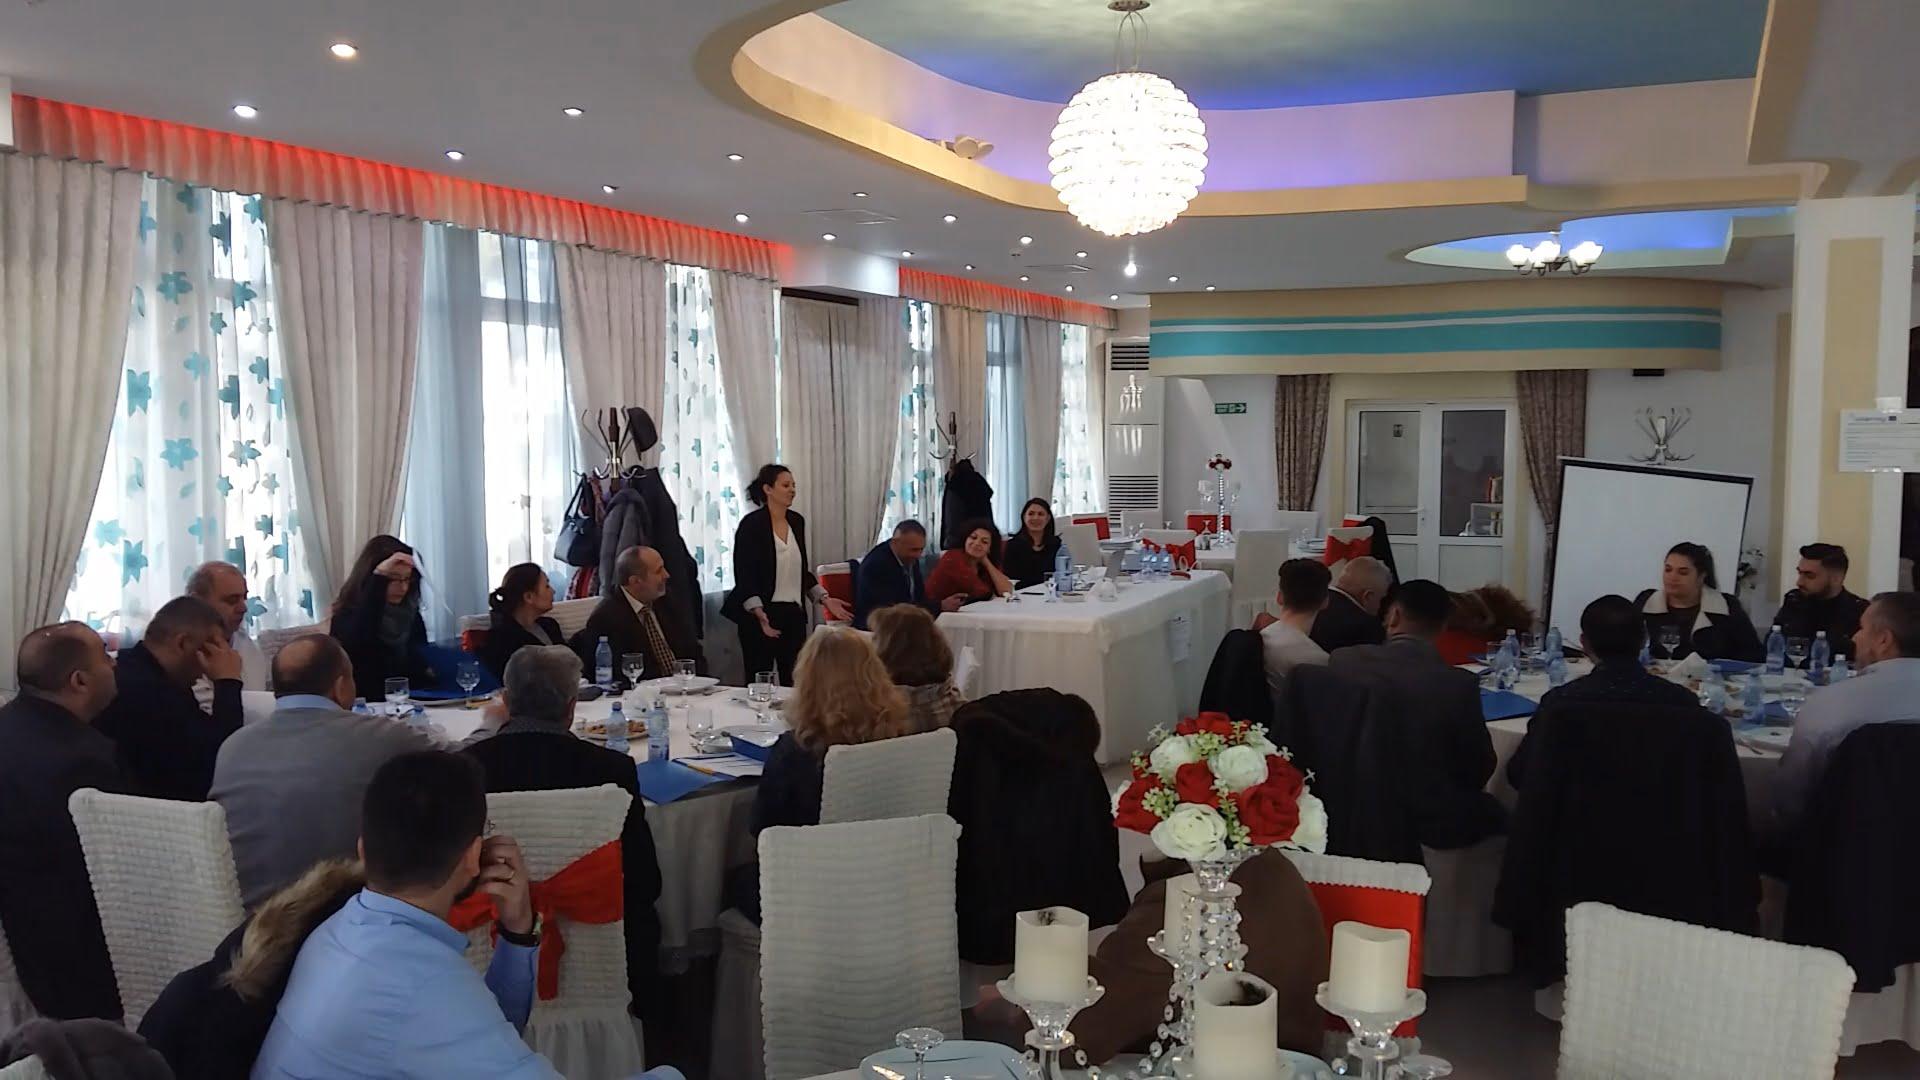 Proiect transnațional european pentru incluziunea comunităților marginalizate, derulat de Asociația de Inițiativă Locală Roman 2002